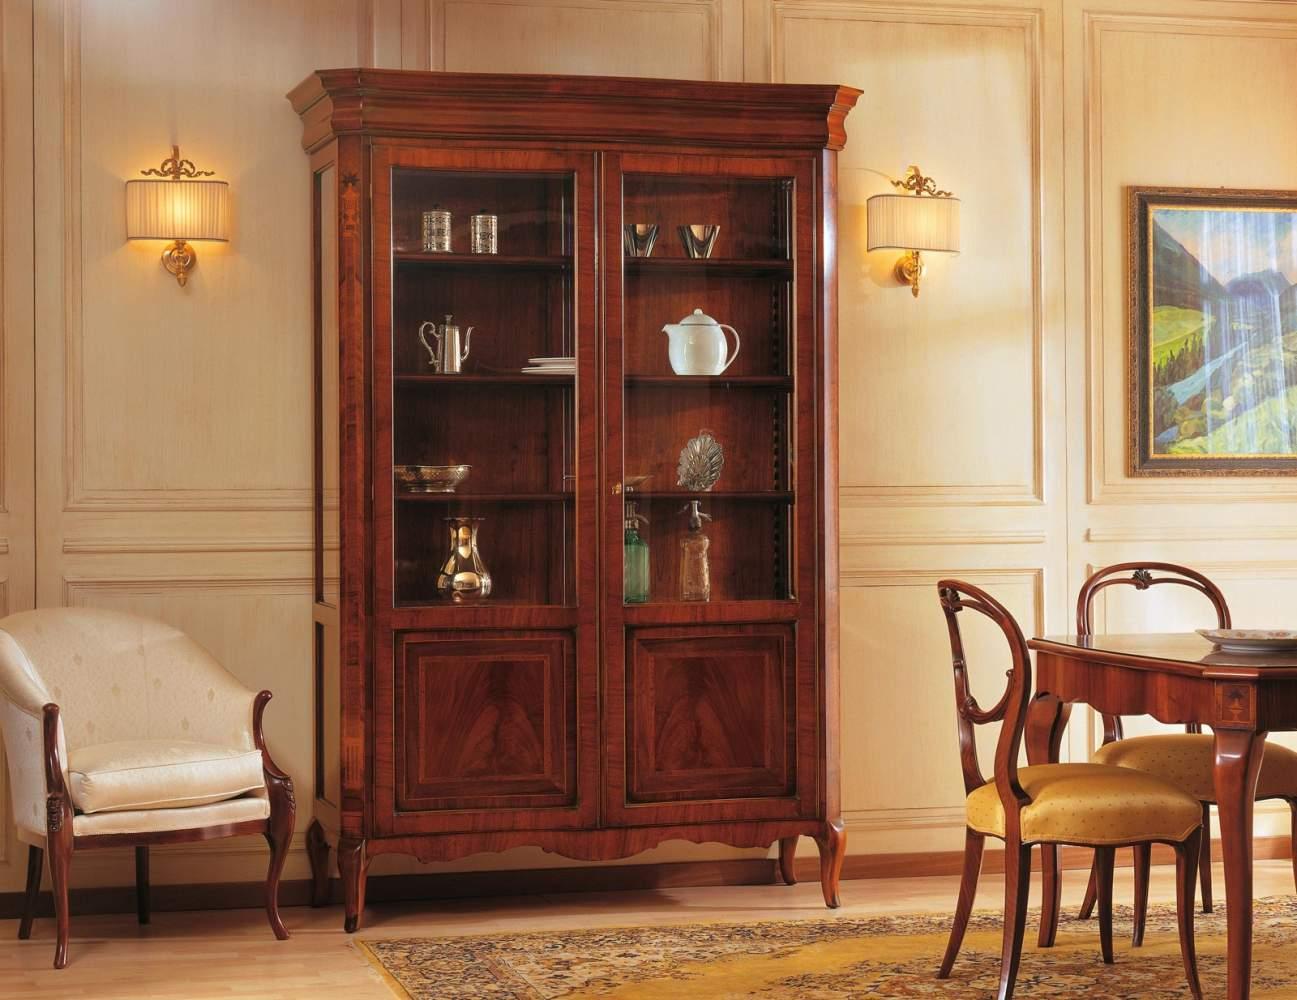 Vitrine avec deux portes dans le style du XIXe siècle français